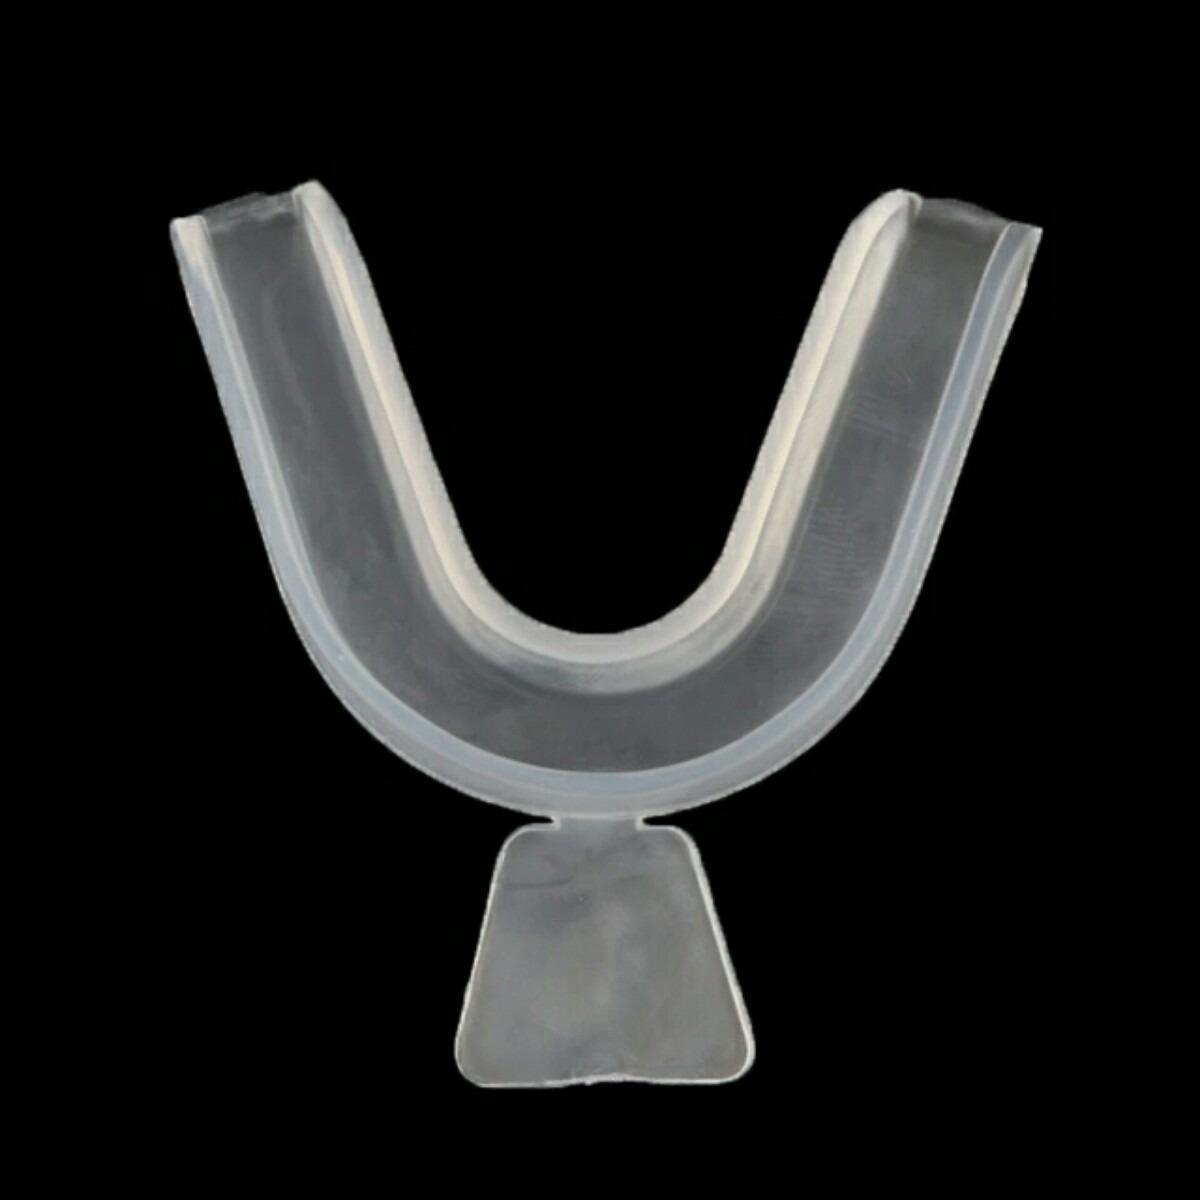 Moleira Moldeira Dental Clareamento Clareador Dente Branco R 19